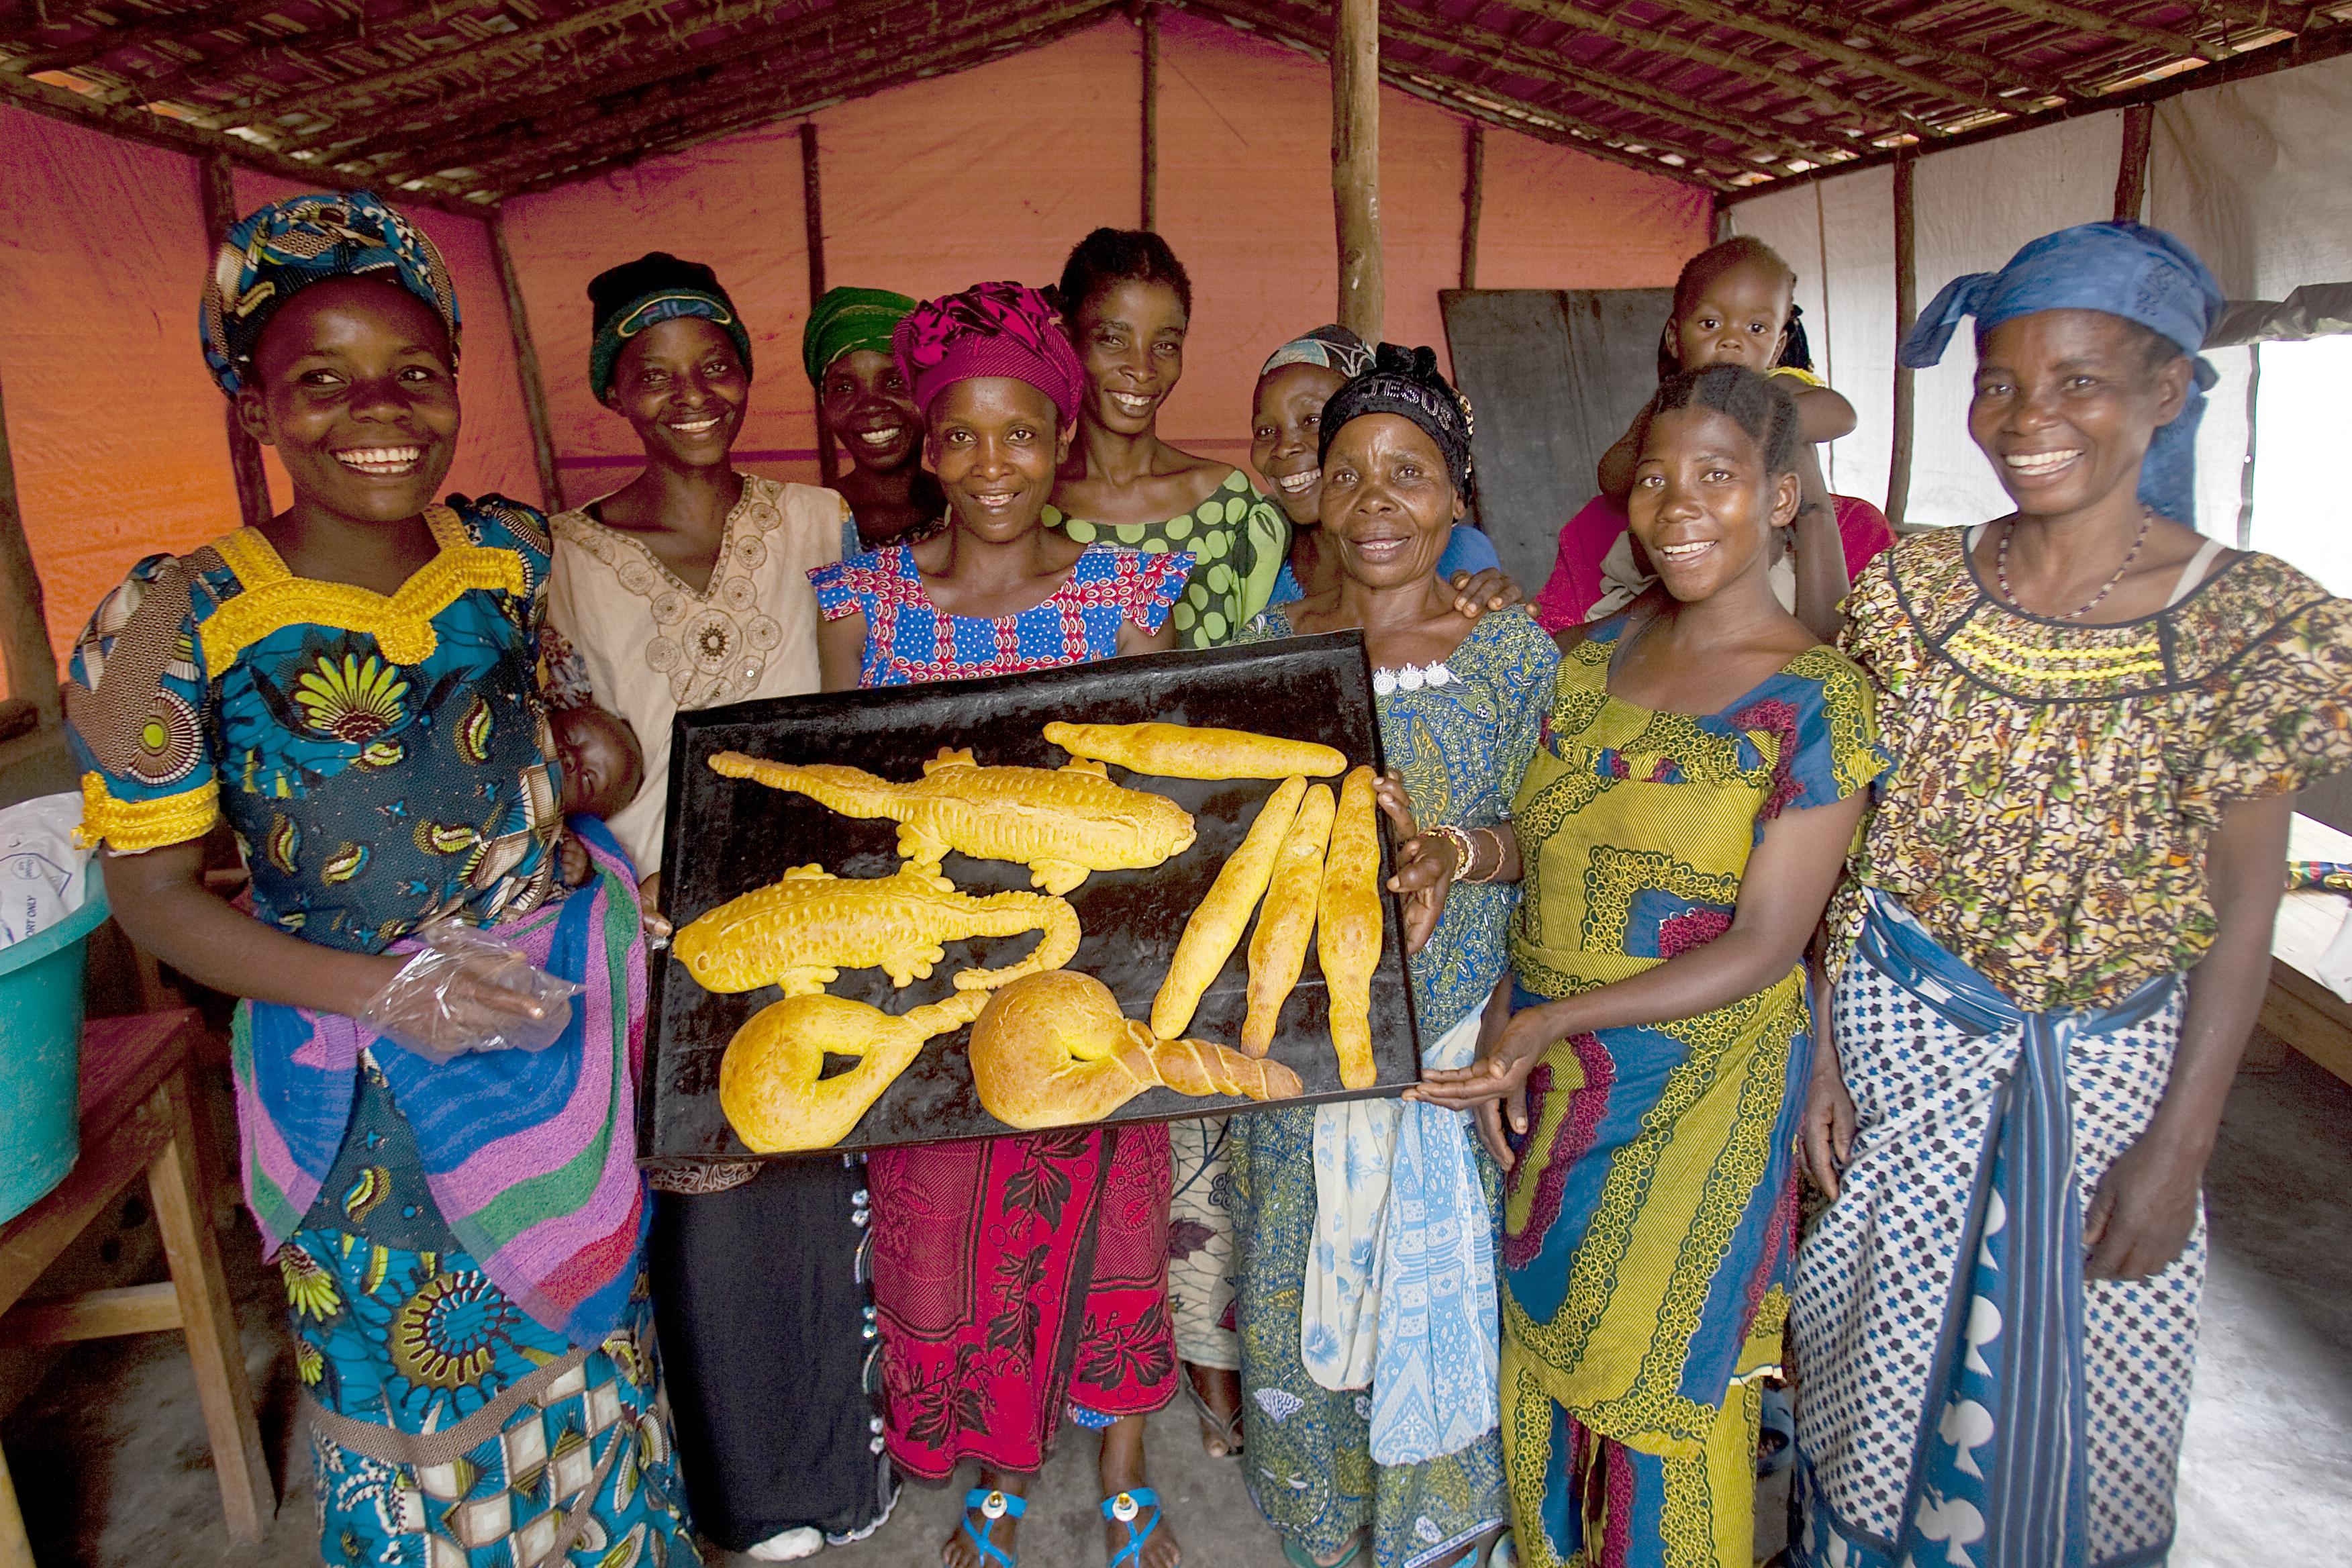 Women for Women training center in Baraka.